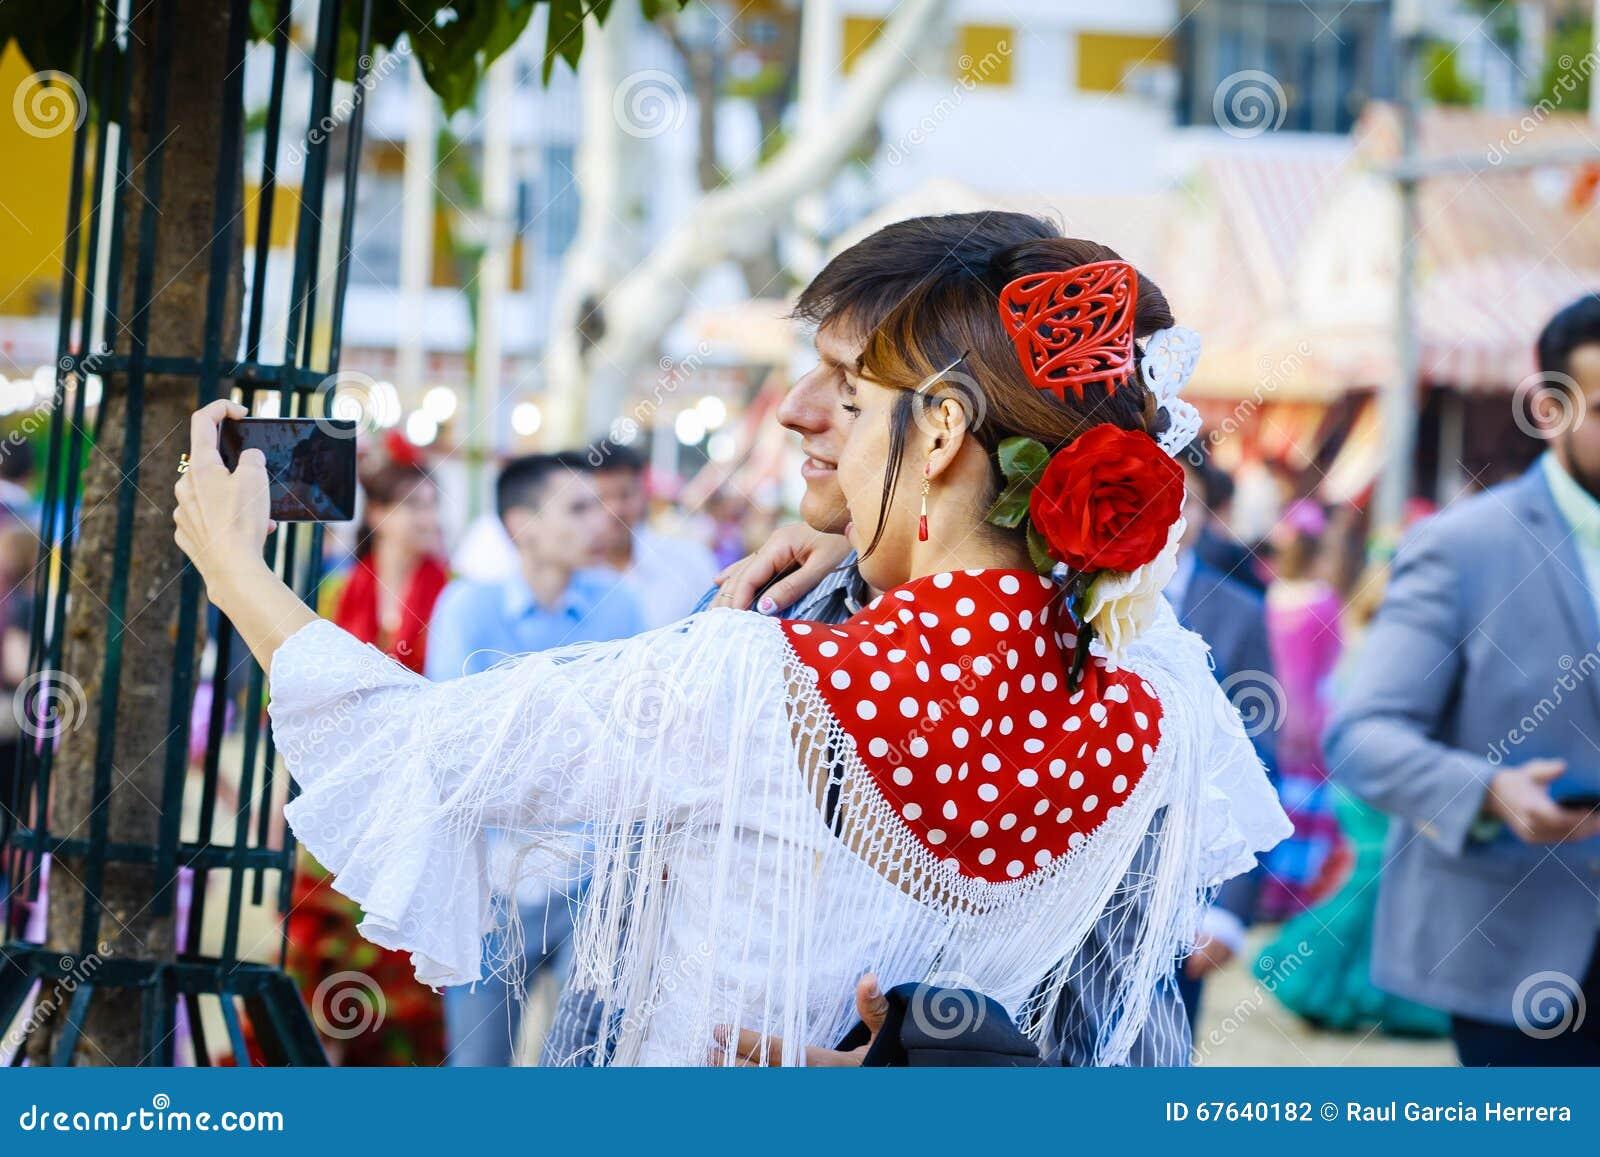 Sevilha, Espanha - 28 de abril de 2015: Turista japonês da mulher vestido